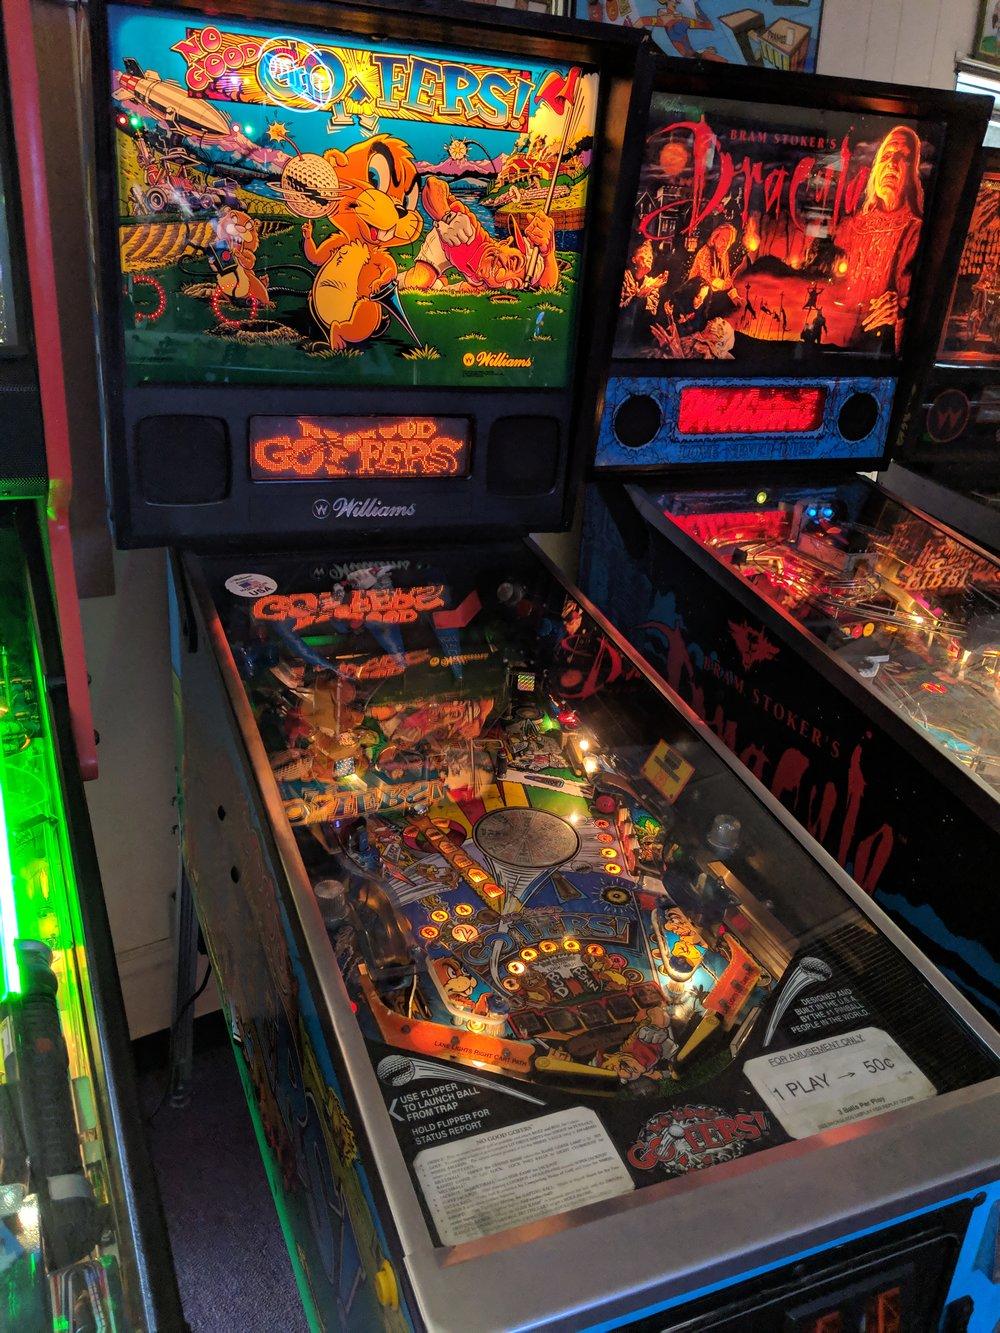 Avengers-Pinball-Machine.jpg